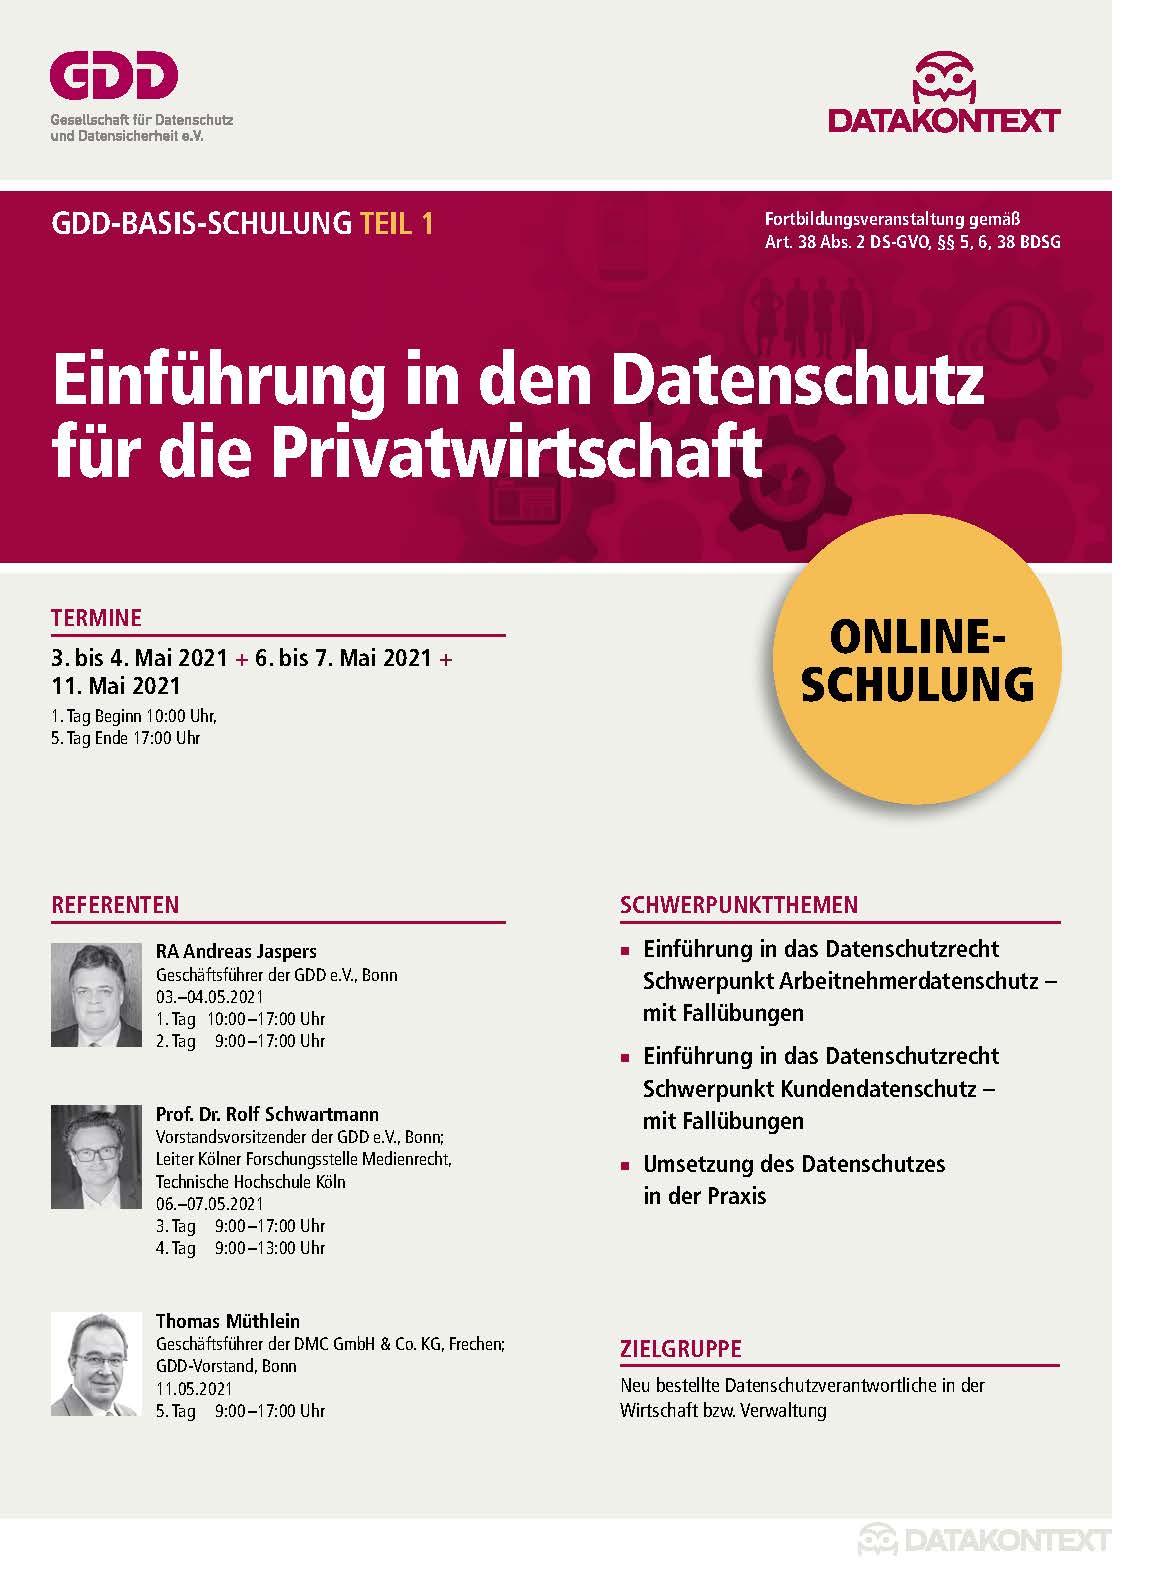 Teil 1: Einführung in den Datenschutz für die Privatwirtschaft